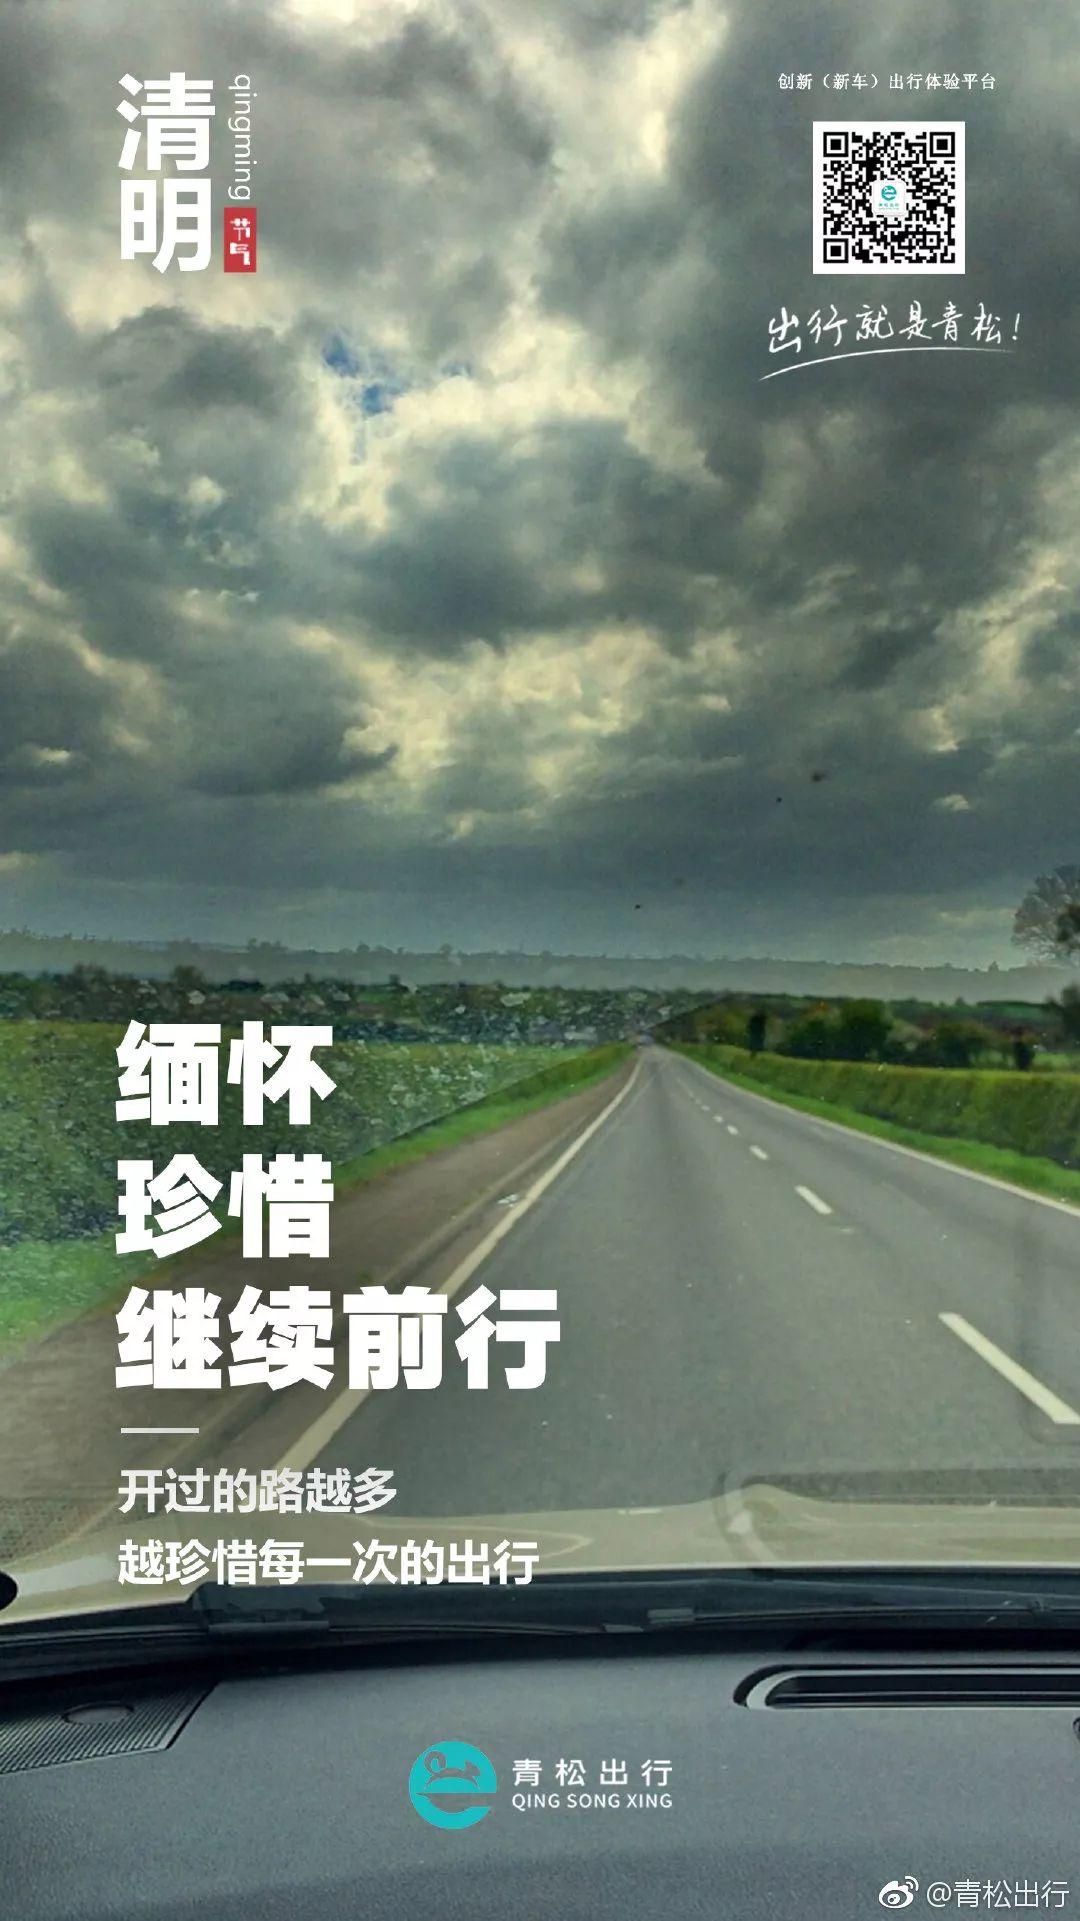 清明节海报文案: 低头追思故人,抬头迈向春天!插图9